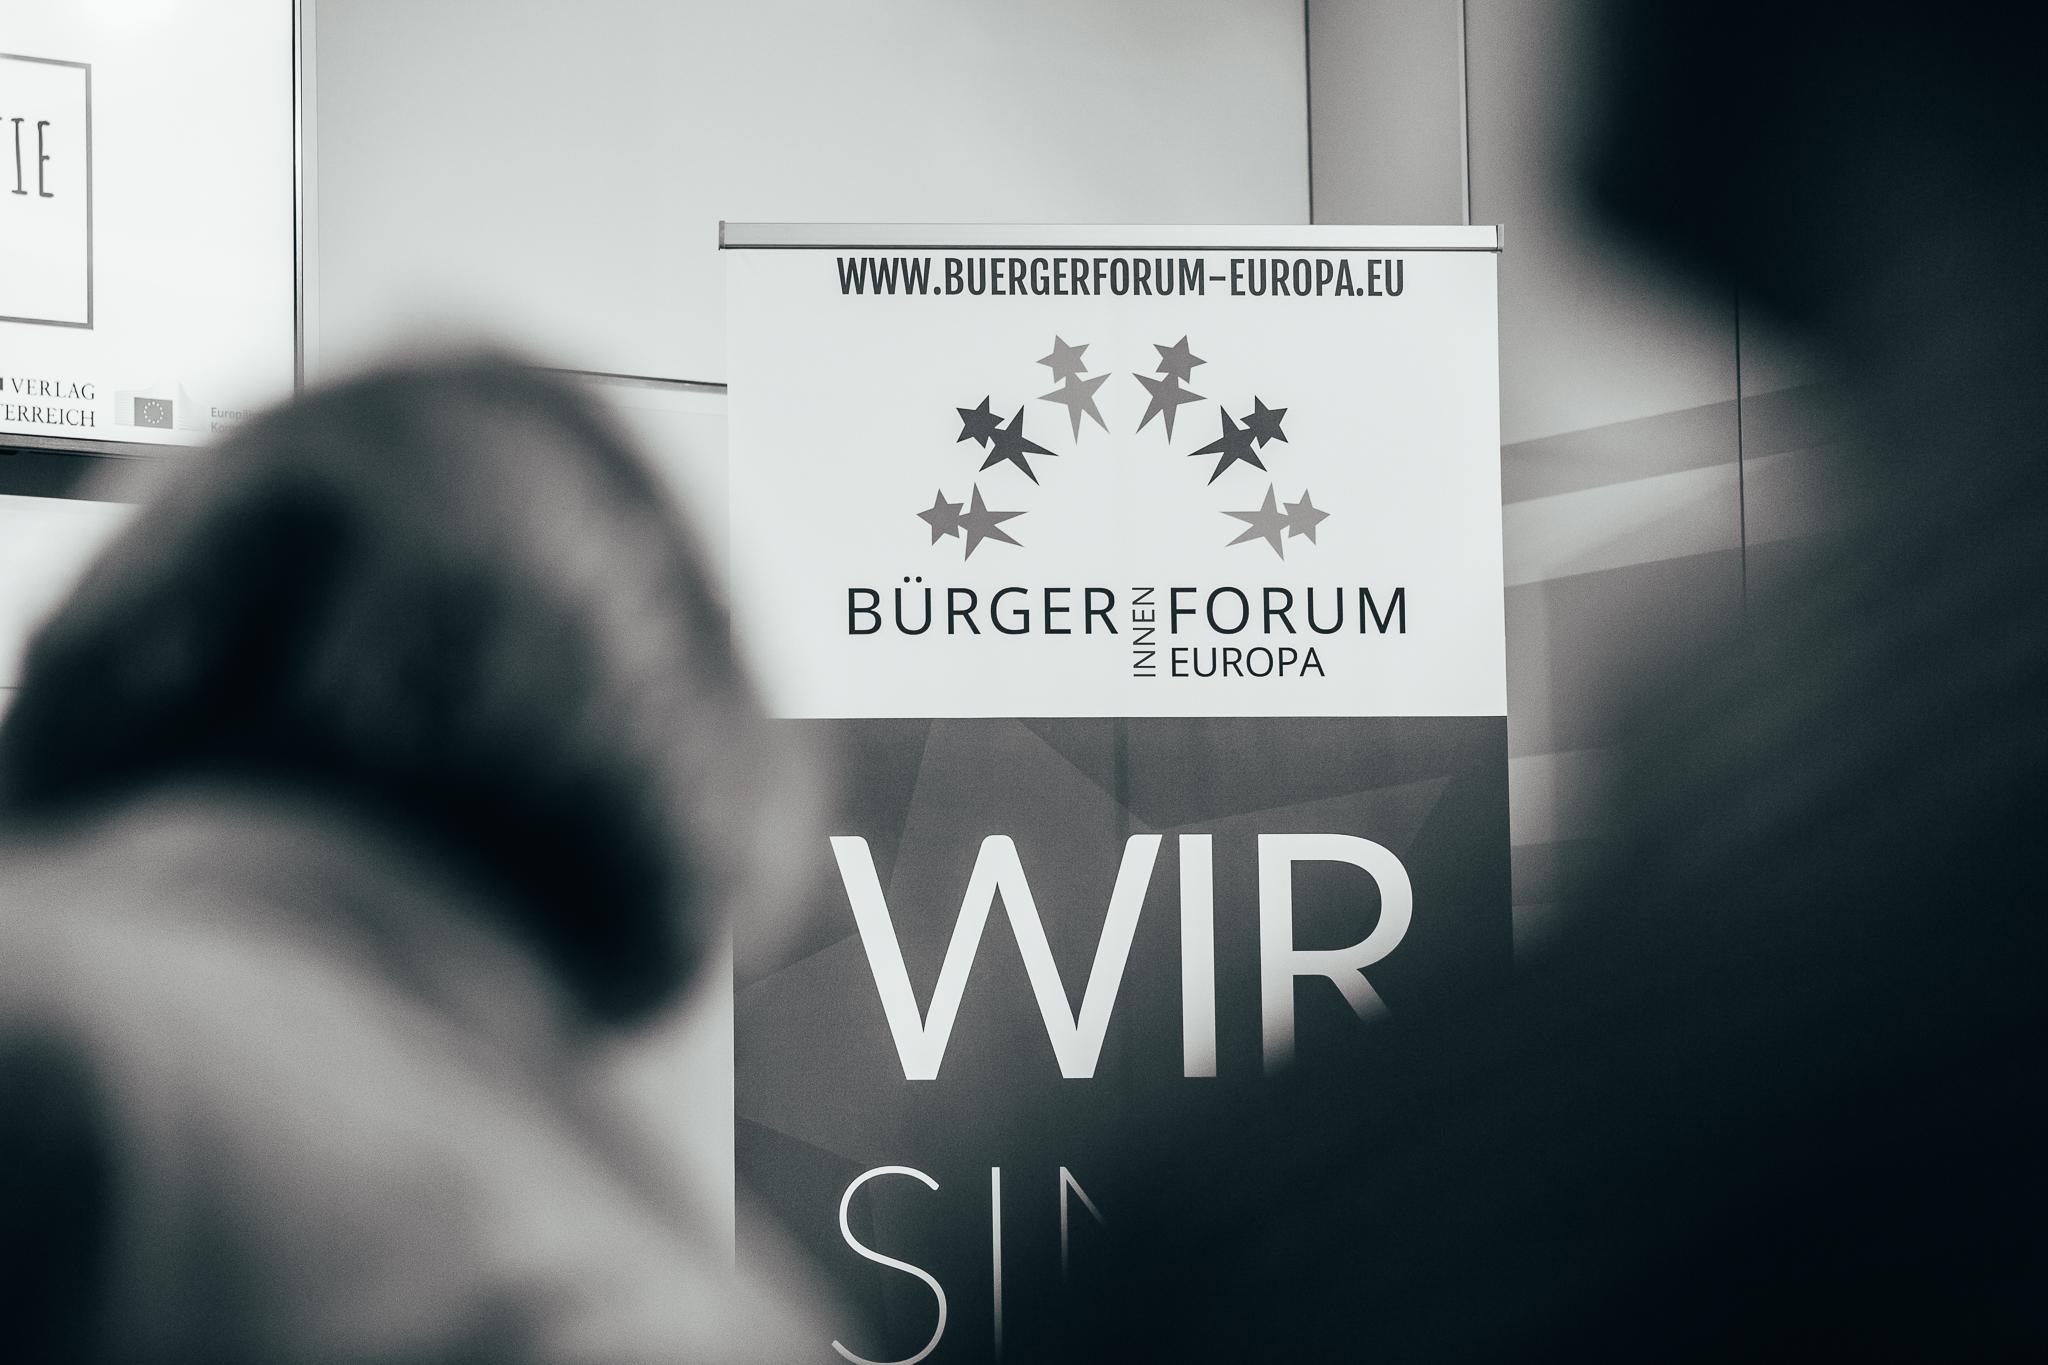 Bürgerforum_Buchpräsentation_130918_81_web.jpg